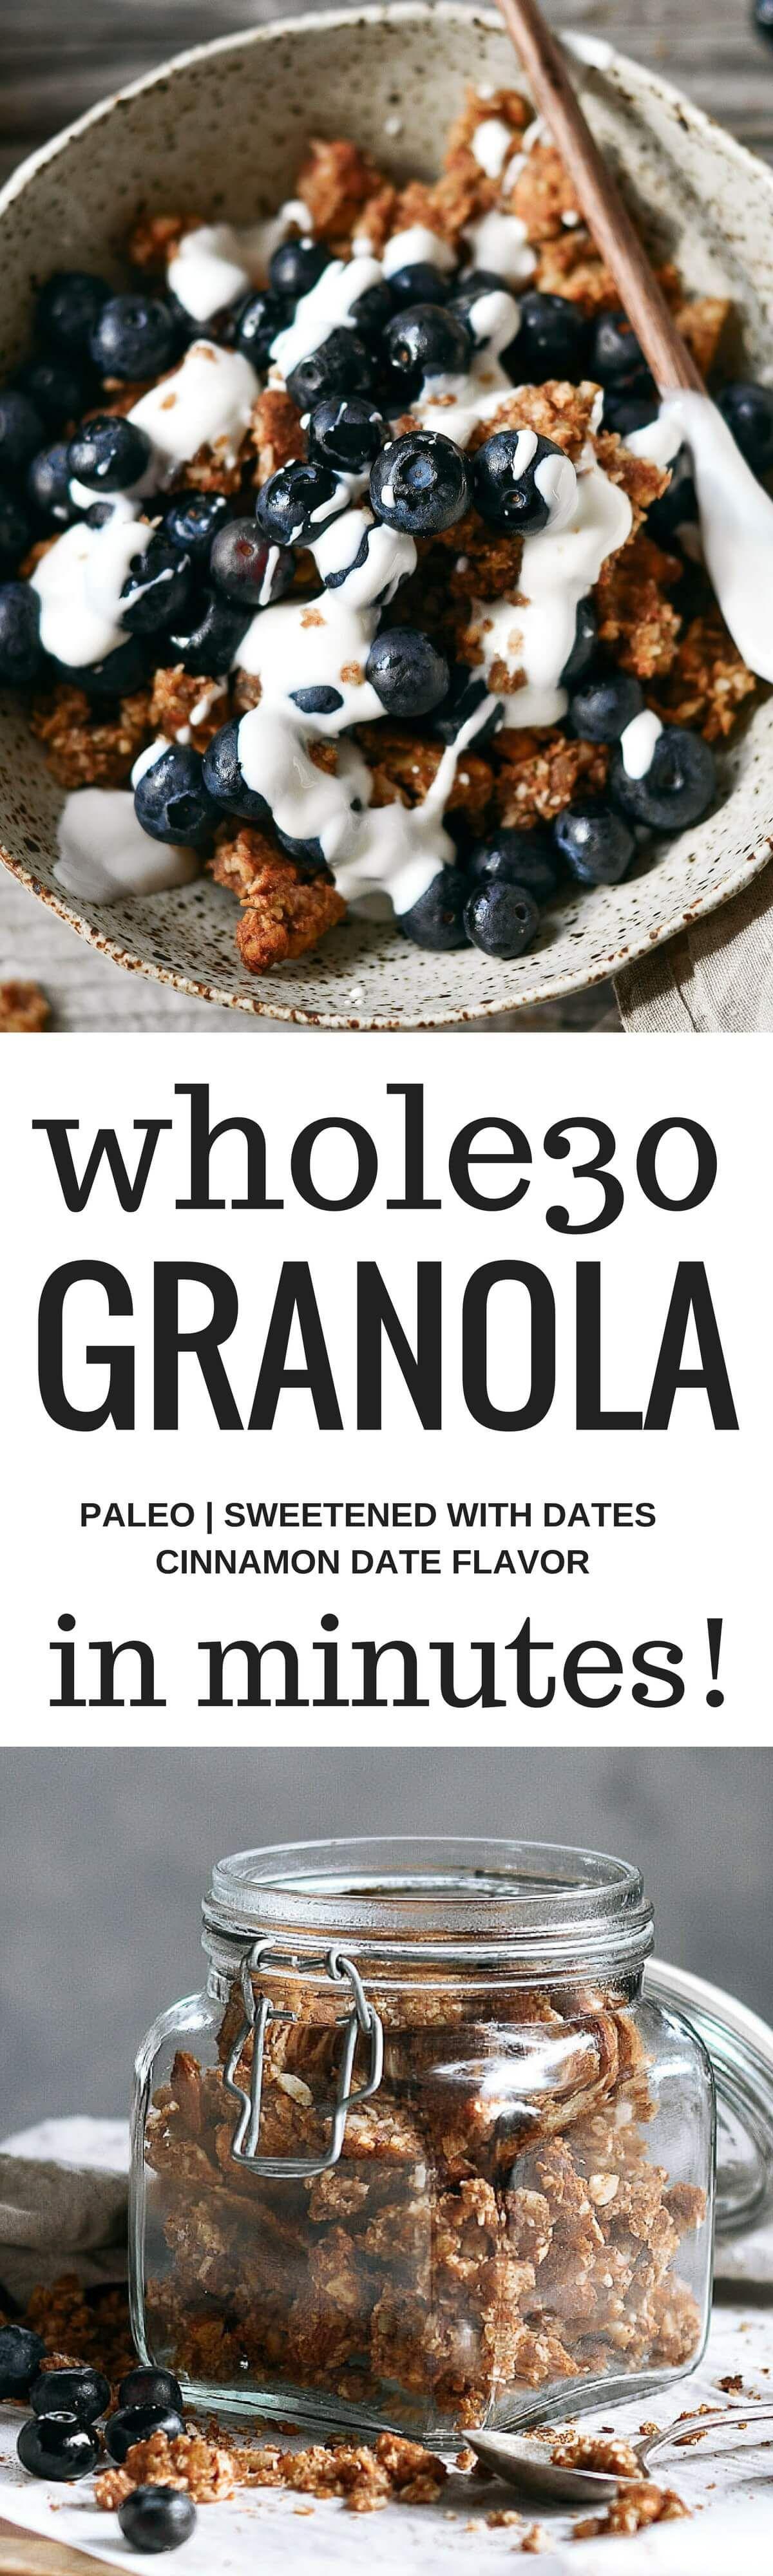 Easy grain free cinnamon date granola recipe whole